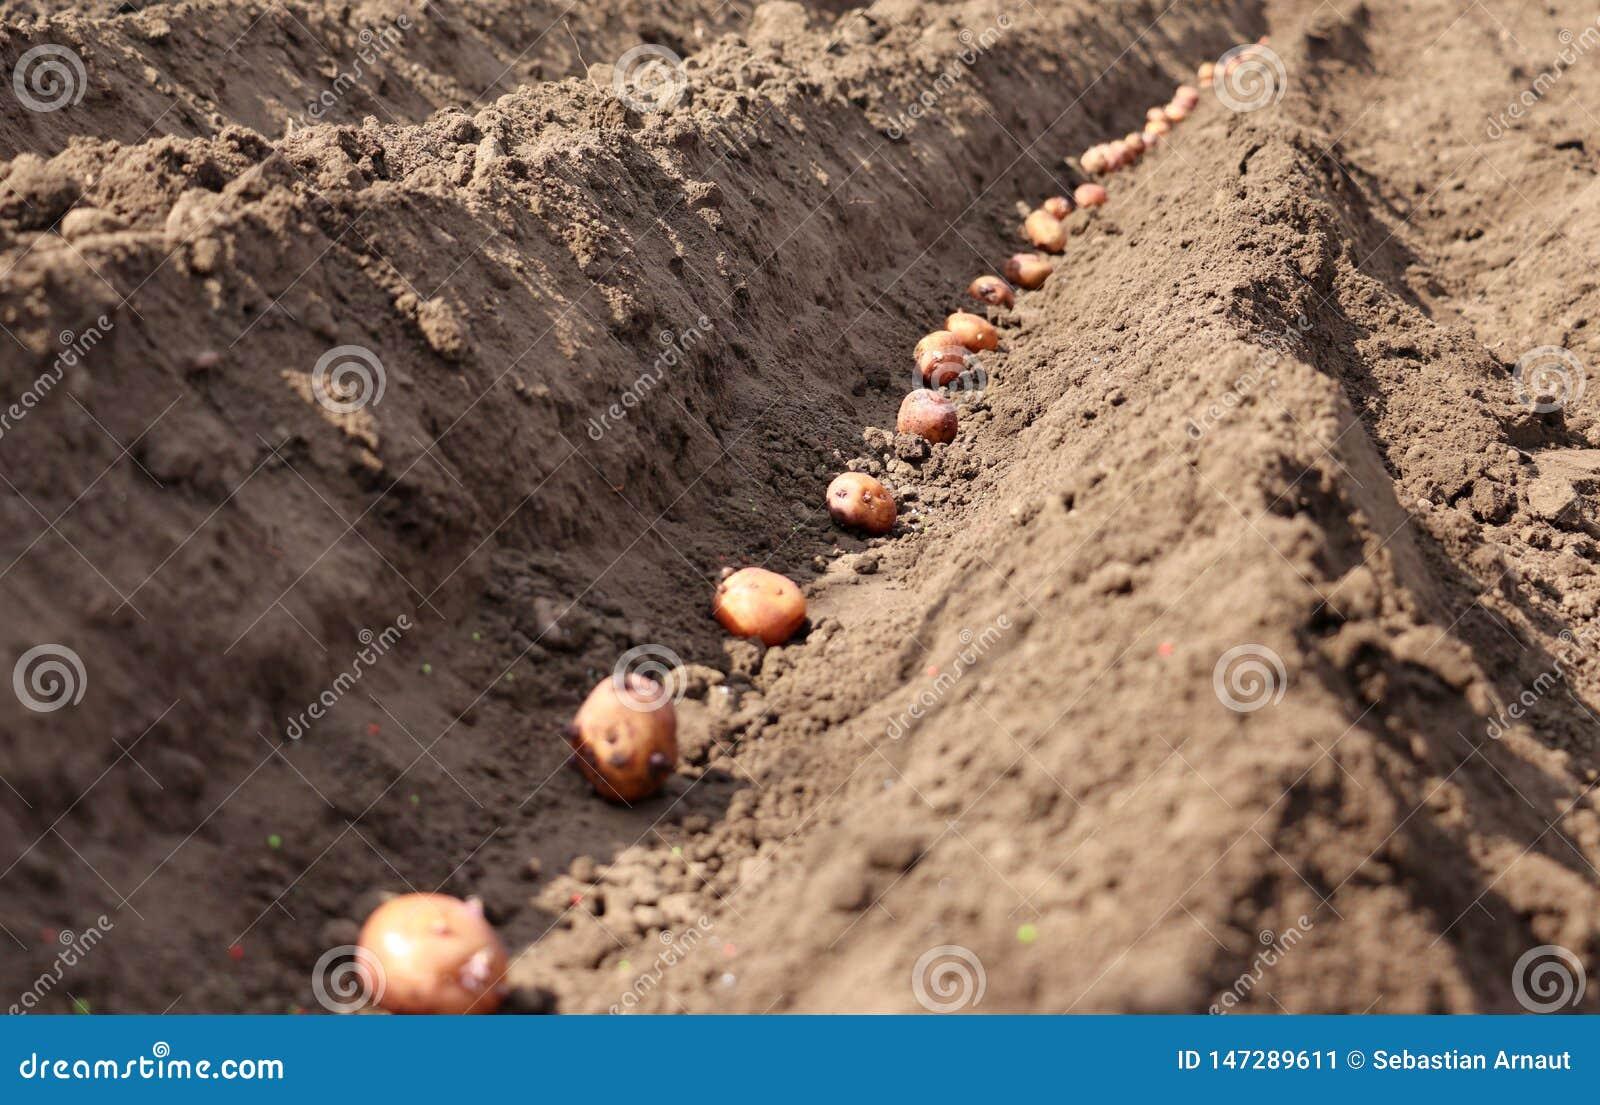 Kartoffeln, die gekeimt werden, werden im Boden ges?t